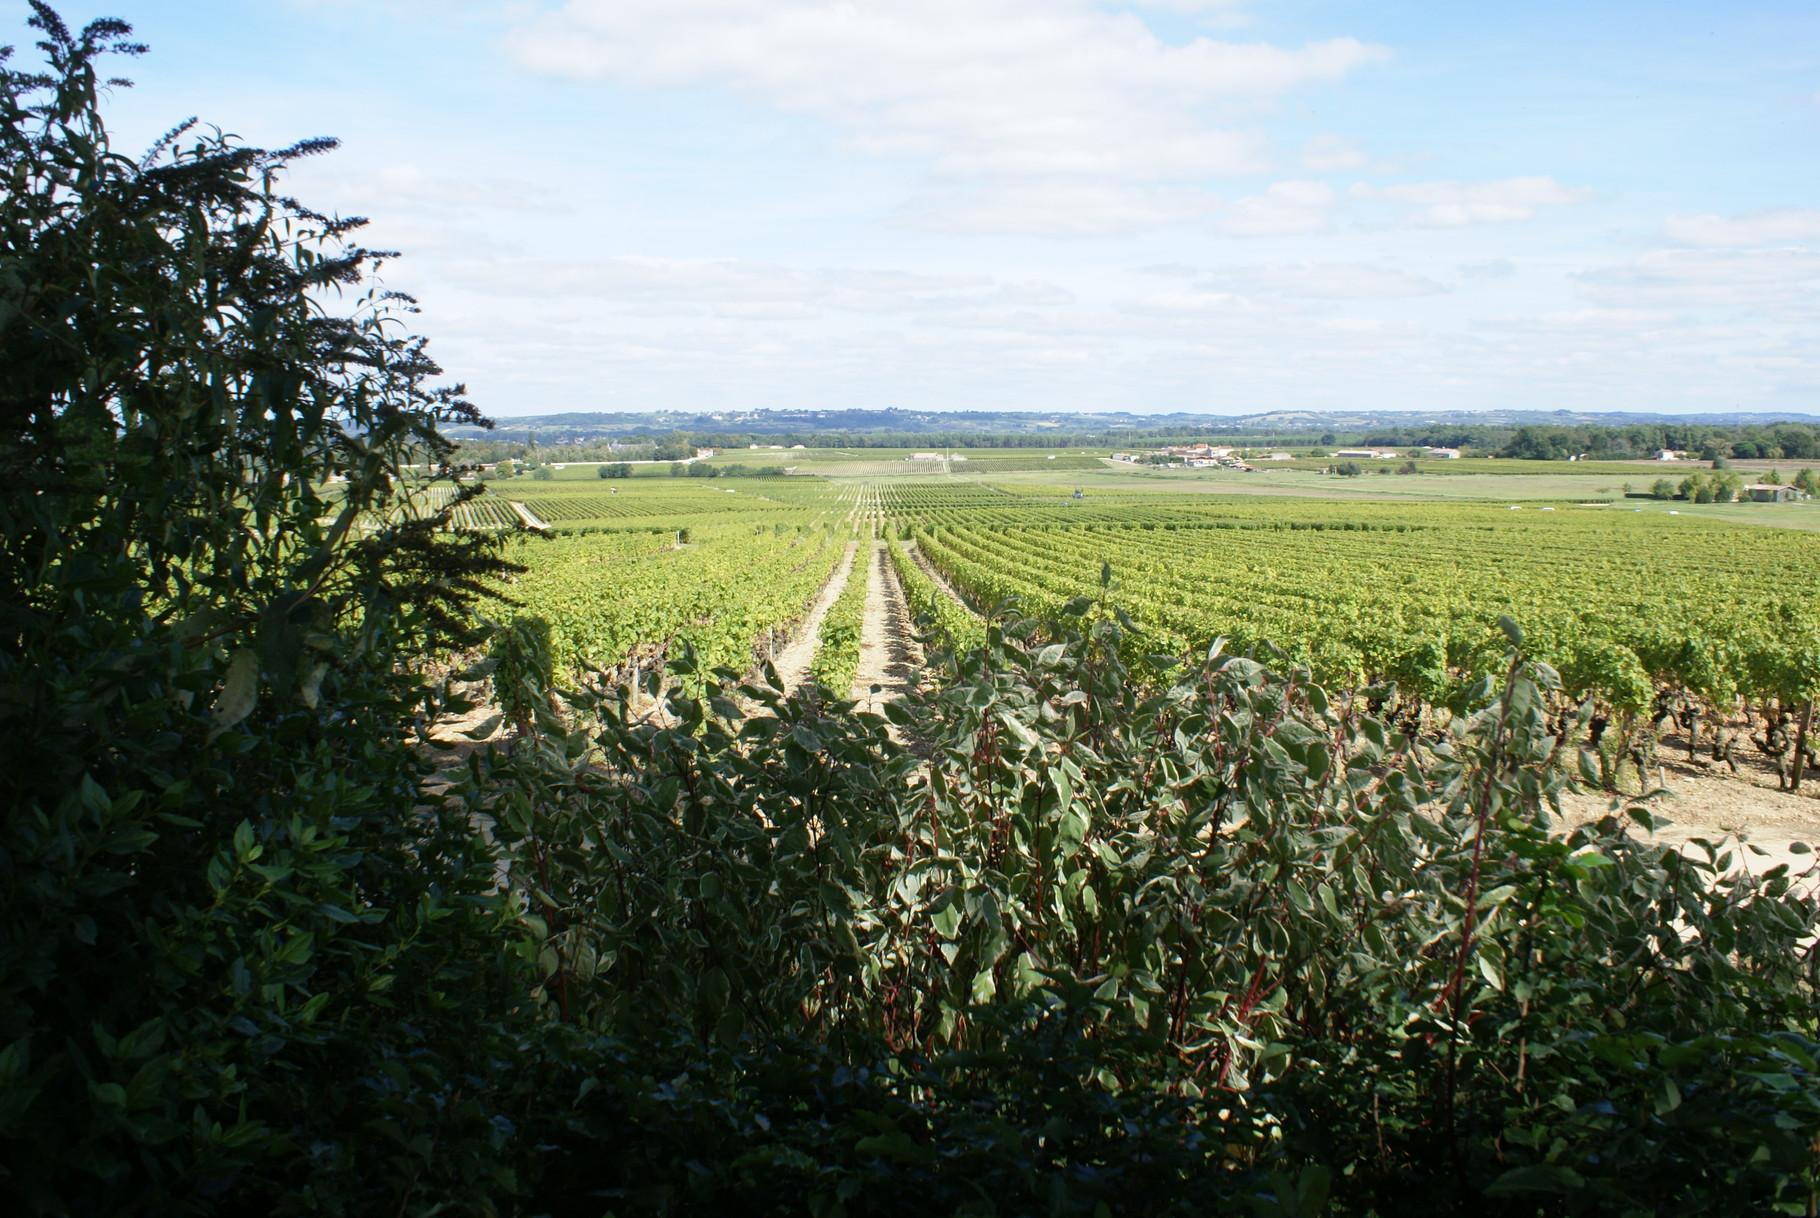 Les parcelles d'Yquem d'un seul tenant autour du domaine avec la Garonne à l'horizon.